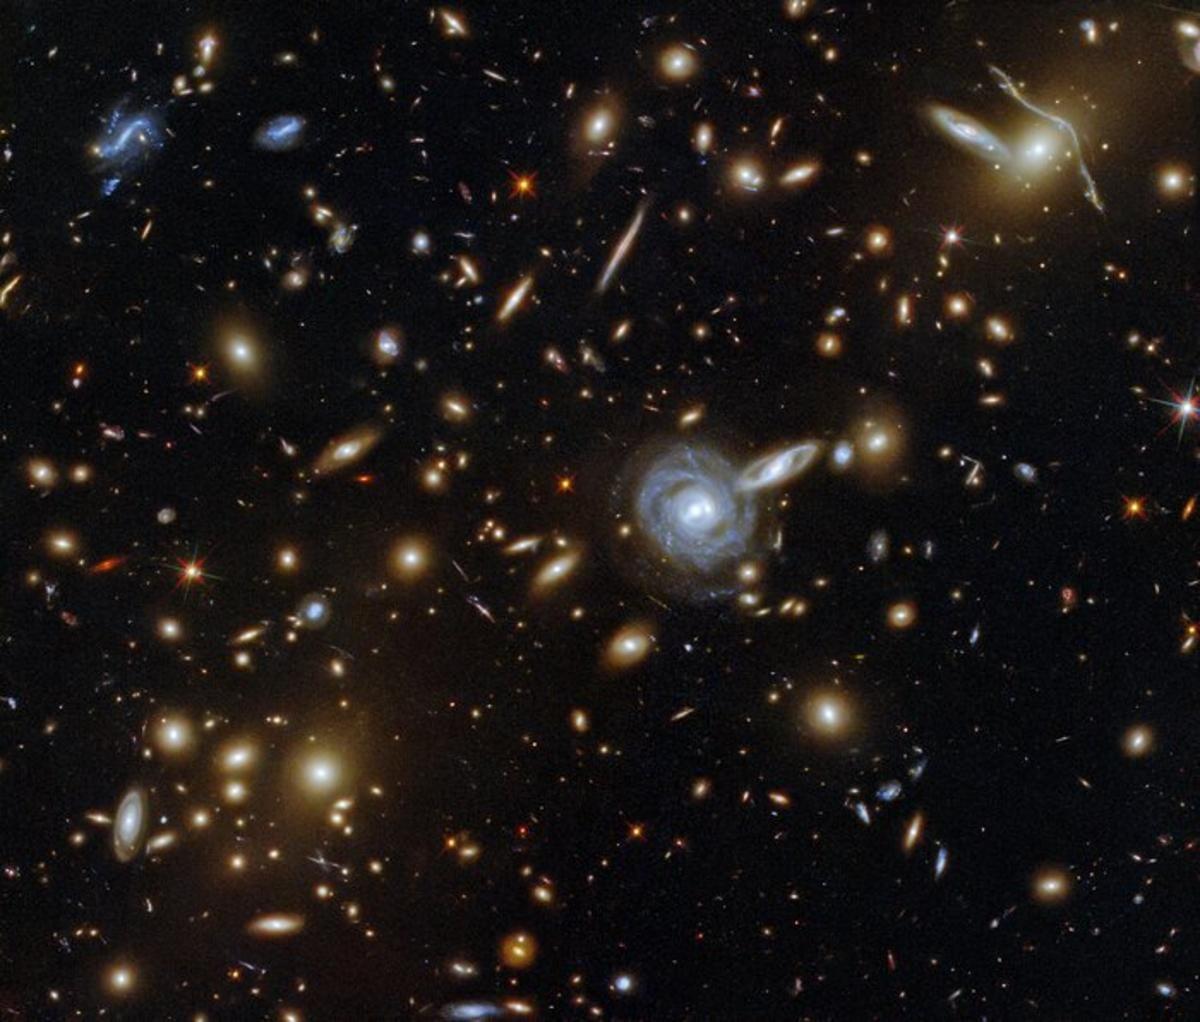 Бетельгейзе входит в десятку самых ярких звезд на небе\ фото ESA/Hubble & NASA, F. Pacaud, D. Coe